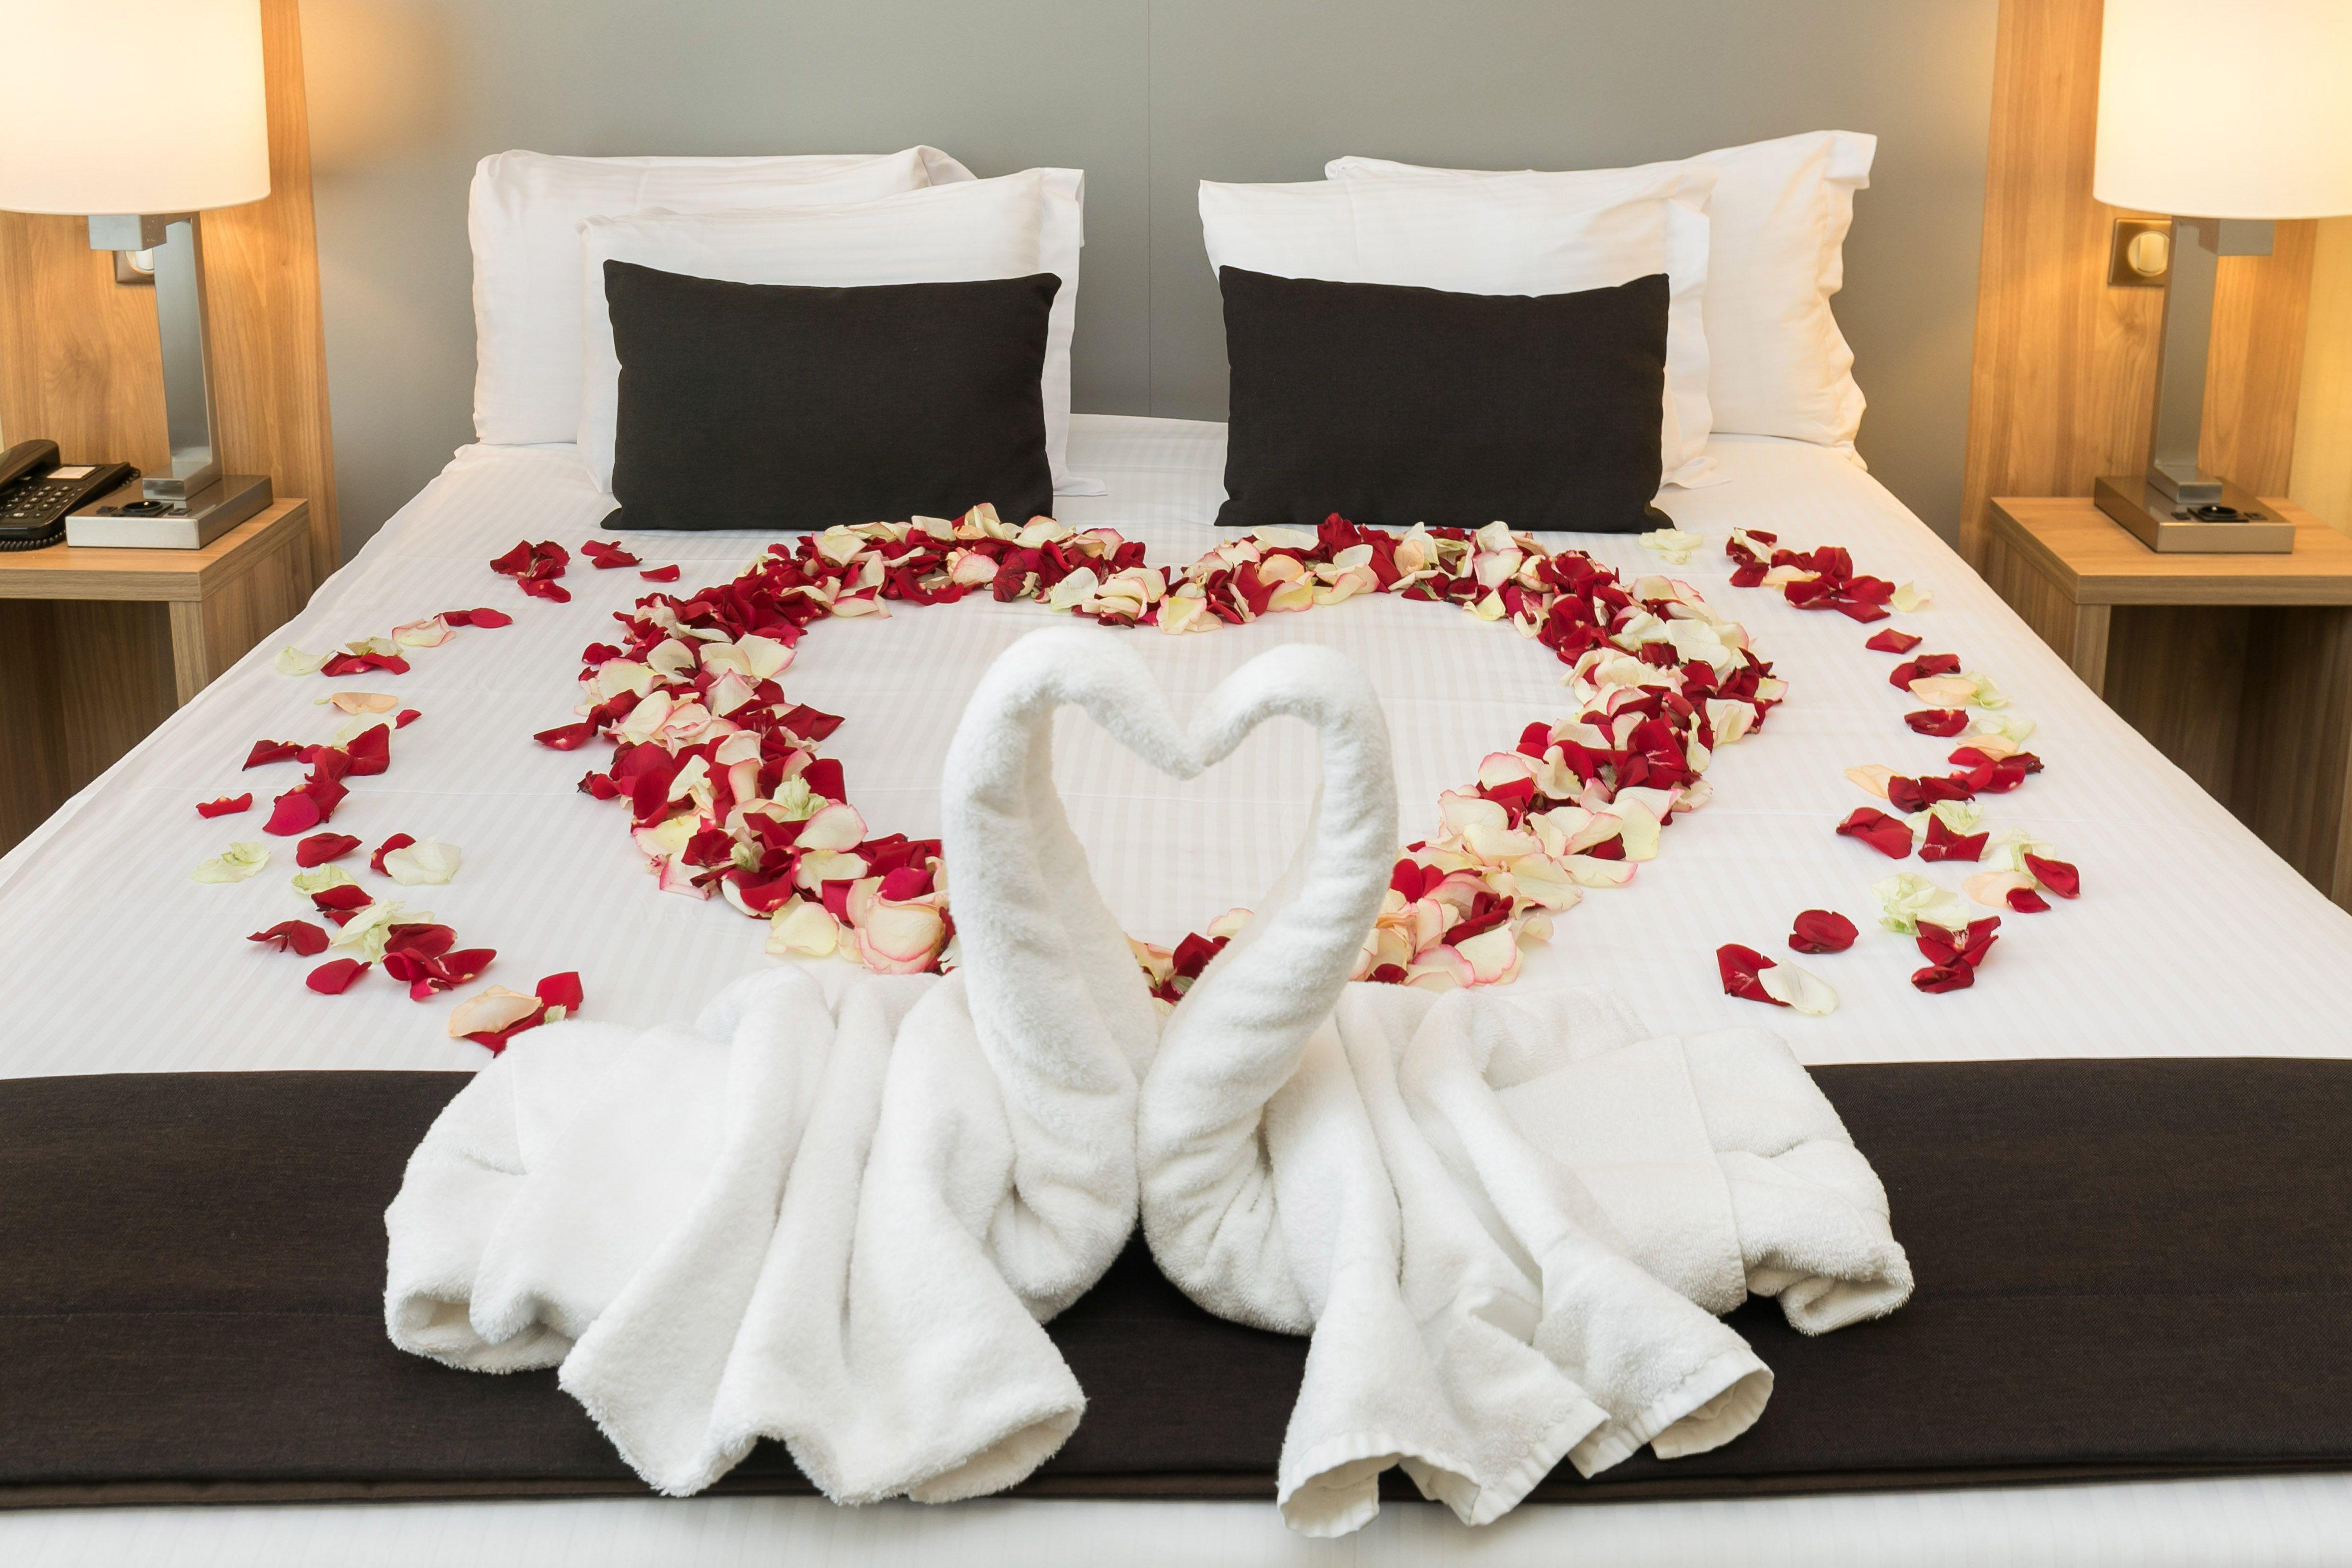 Lune de miel   Decor, Home decor, Honeymoon